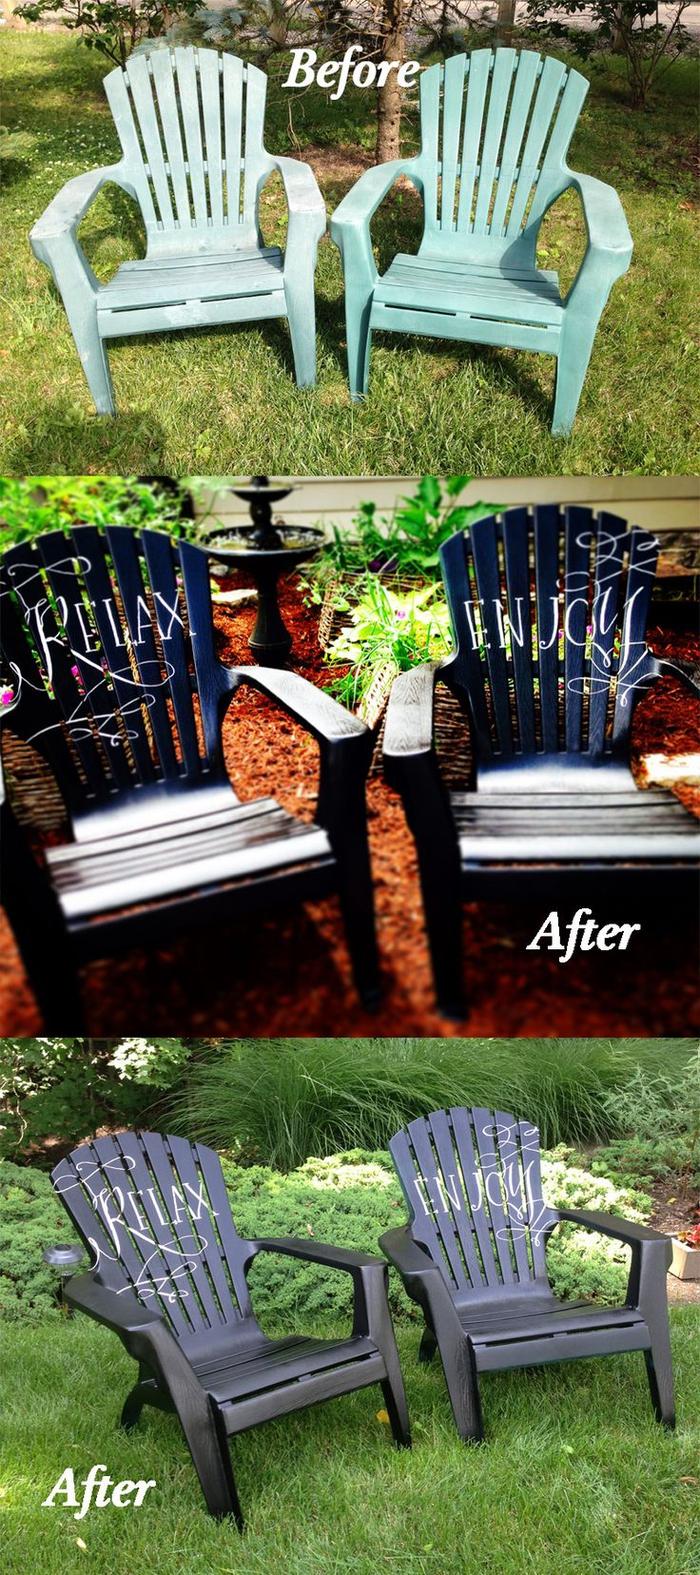 la transformation bluffante des chaises de jardin en plastique à quelques coups de peinture, peindre un meuble de façon originale